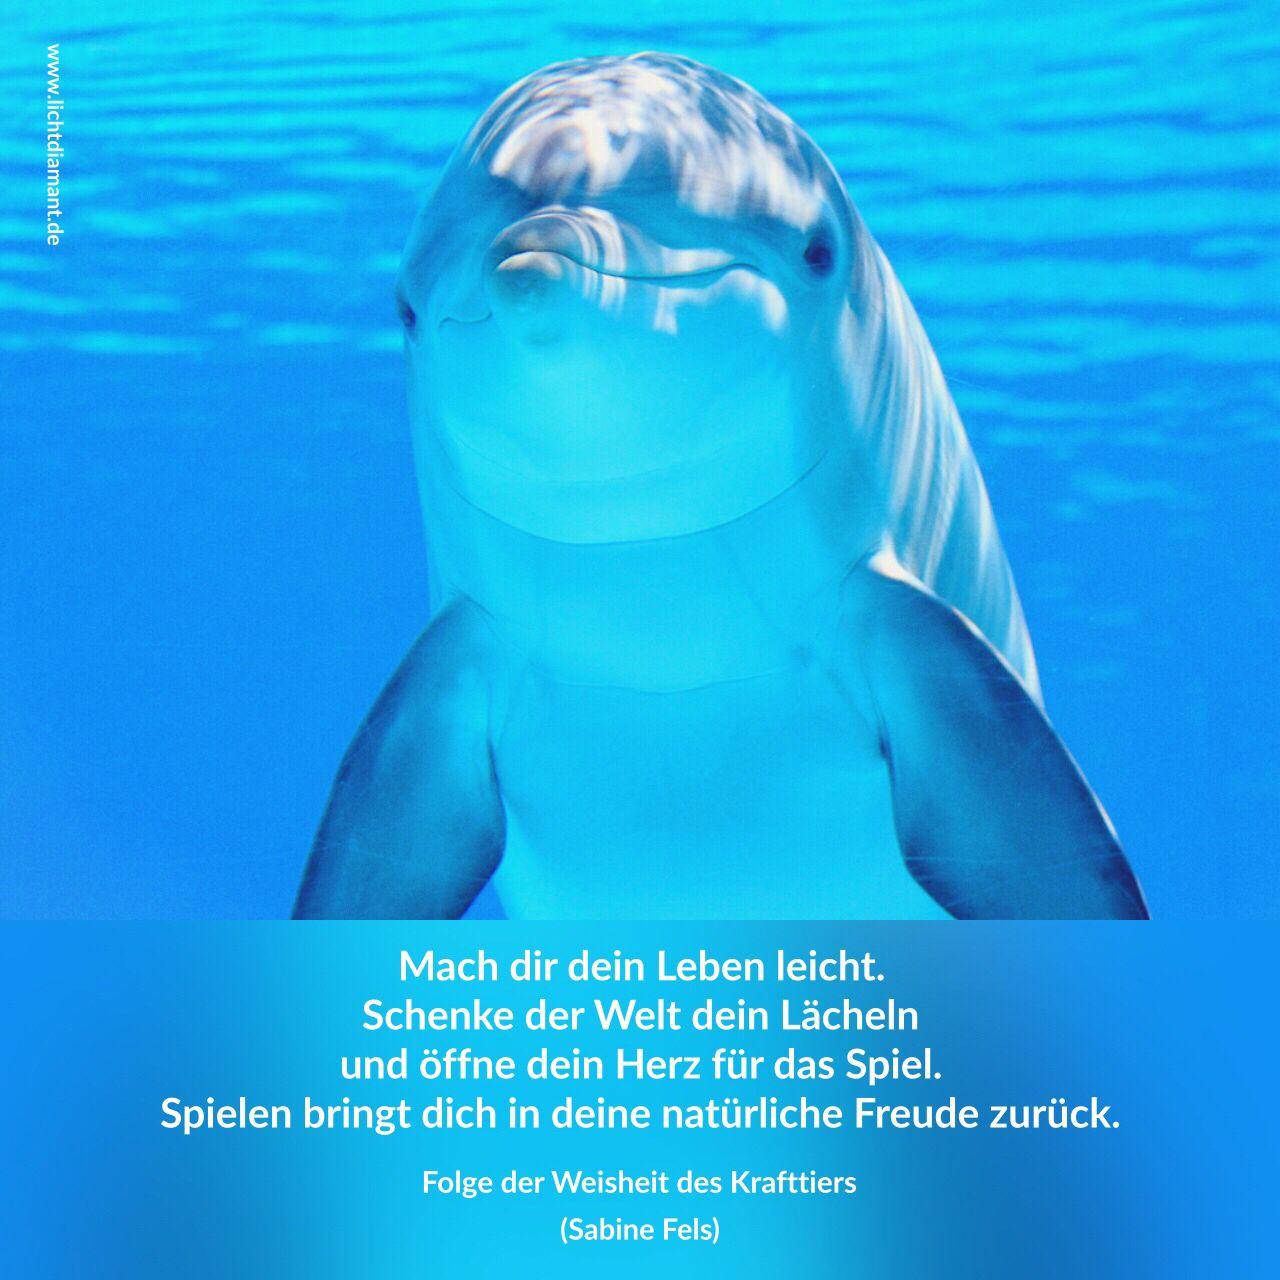 Delfin | LICHTDIAMANT   Krafttiere   Folge der Weisheit der Krafttiere